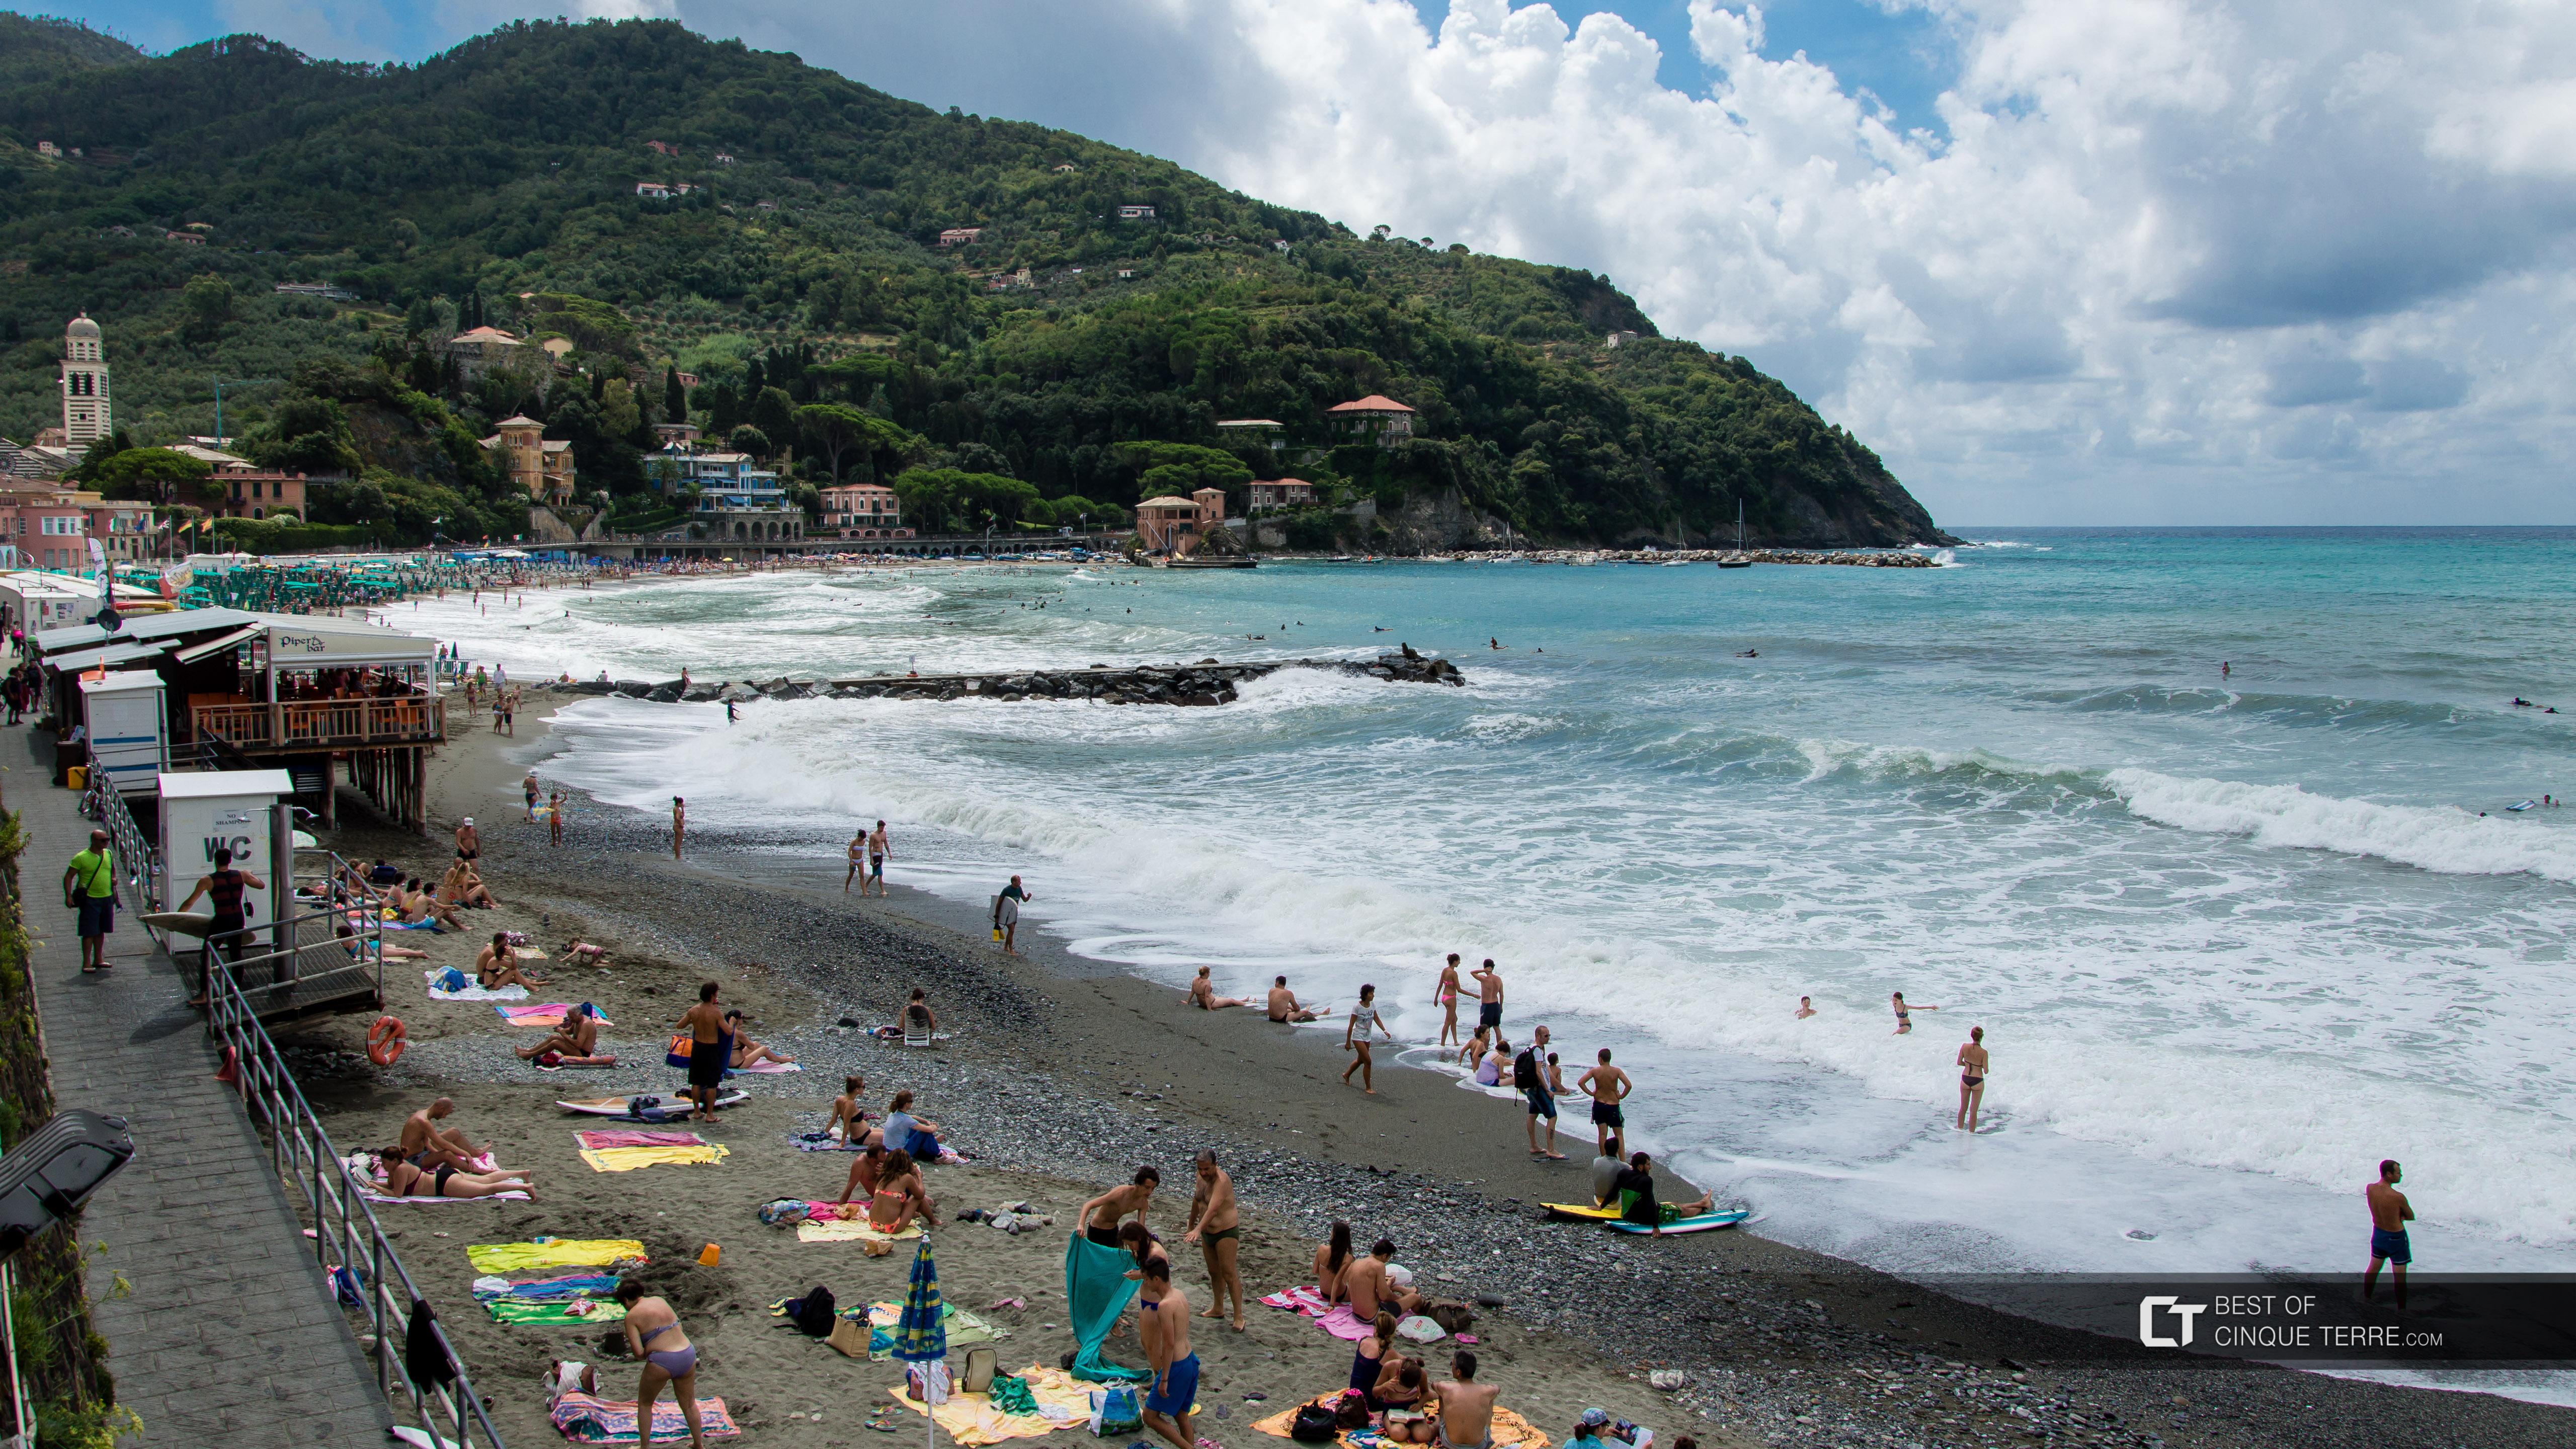 Marisa alla spiaggia nudista  Racconti erotici